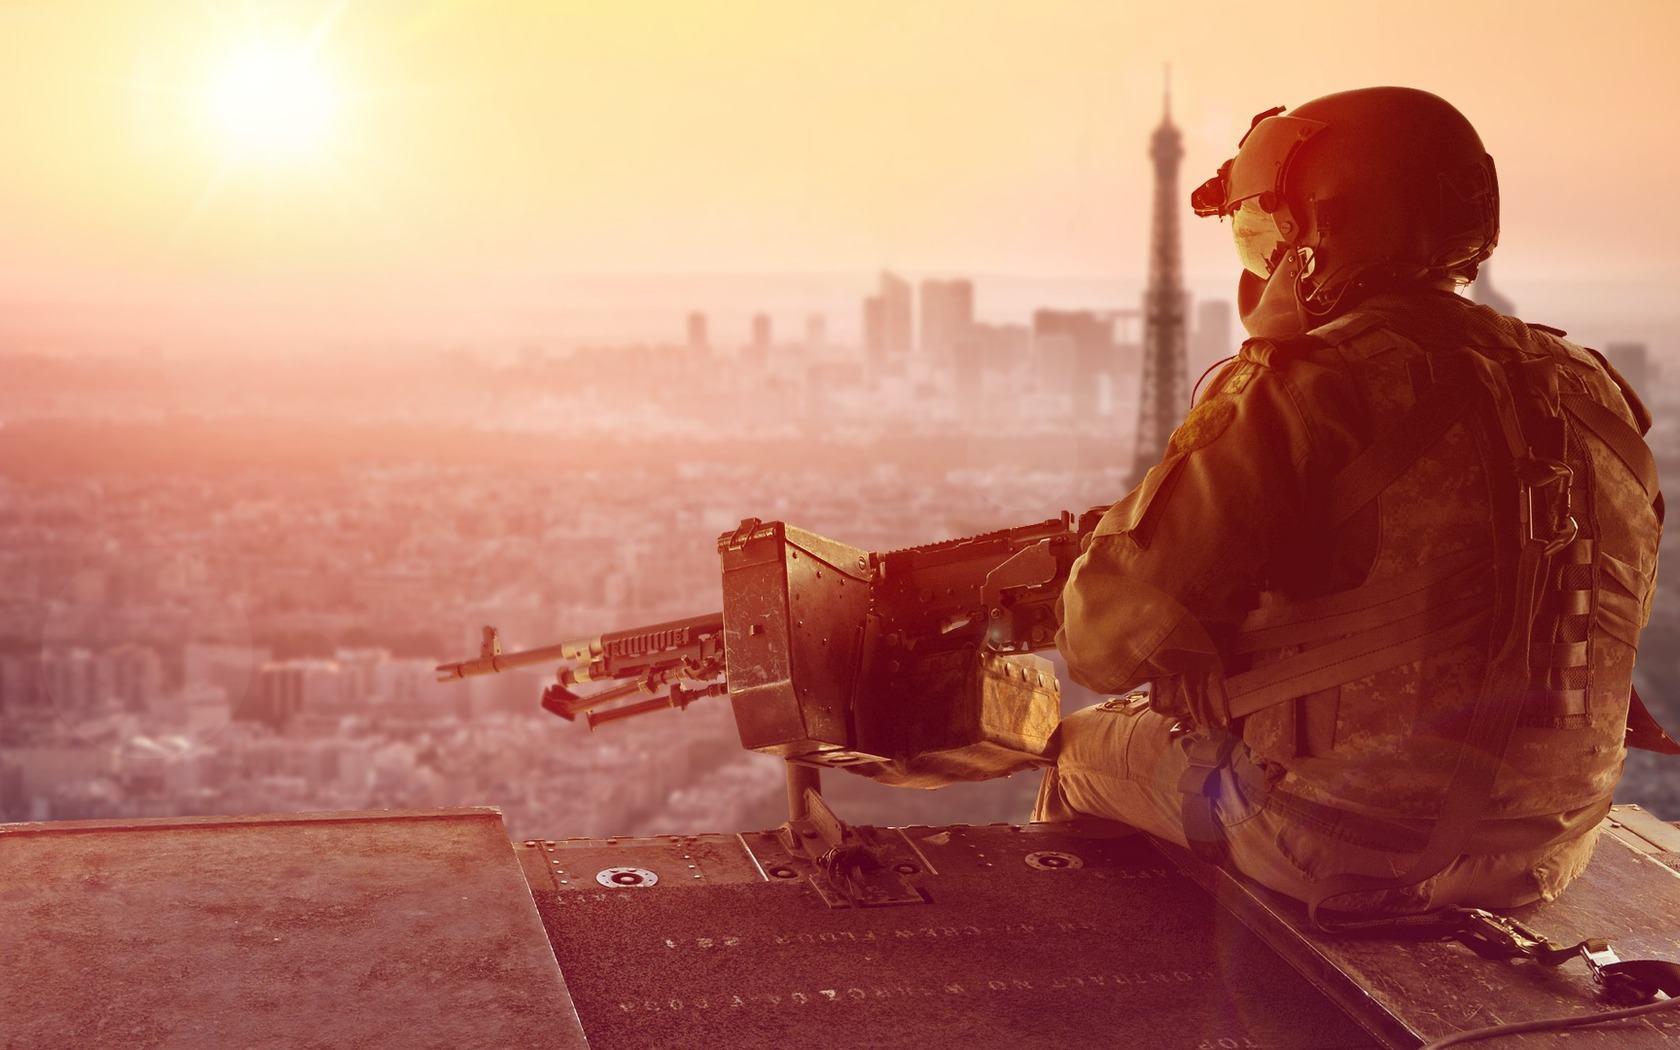 В последнее время регулярная армия всё чаще привлекается для так называемых гражданских операций, в первую очередь, для обеспечения антитеррористических мероприятий в европейских городах.